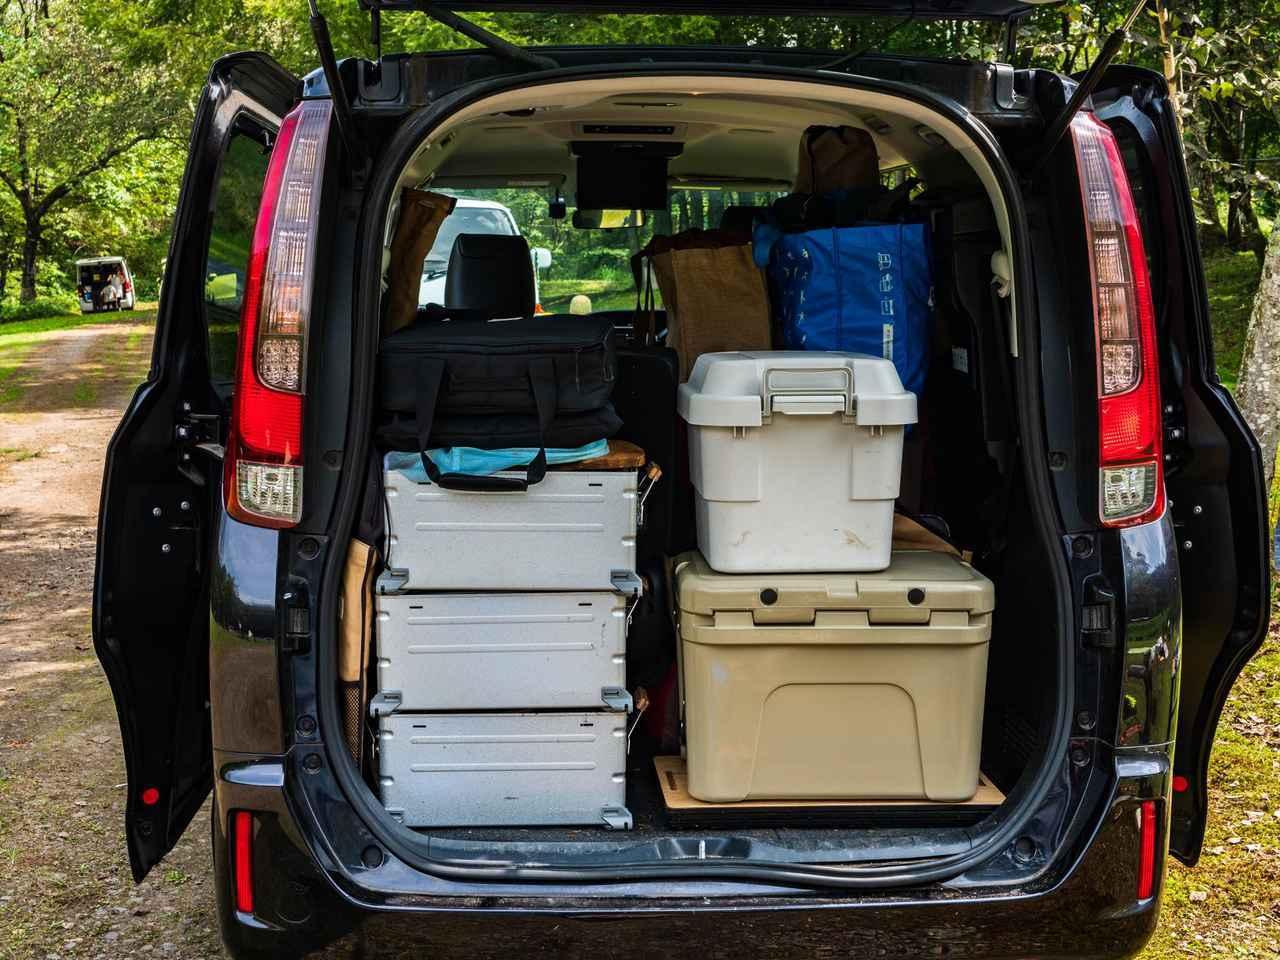 画像: 5人家族キャンプの収納テク&積載のコツ! 食器・調理器具もらくらく!スノーピークのシェルフコンテナが優秀 - ハピキャン|キャンプ・アウトドア情報メディア